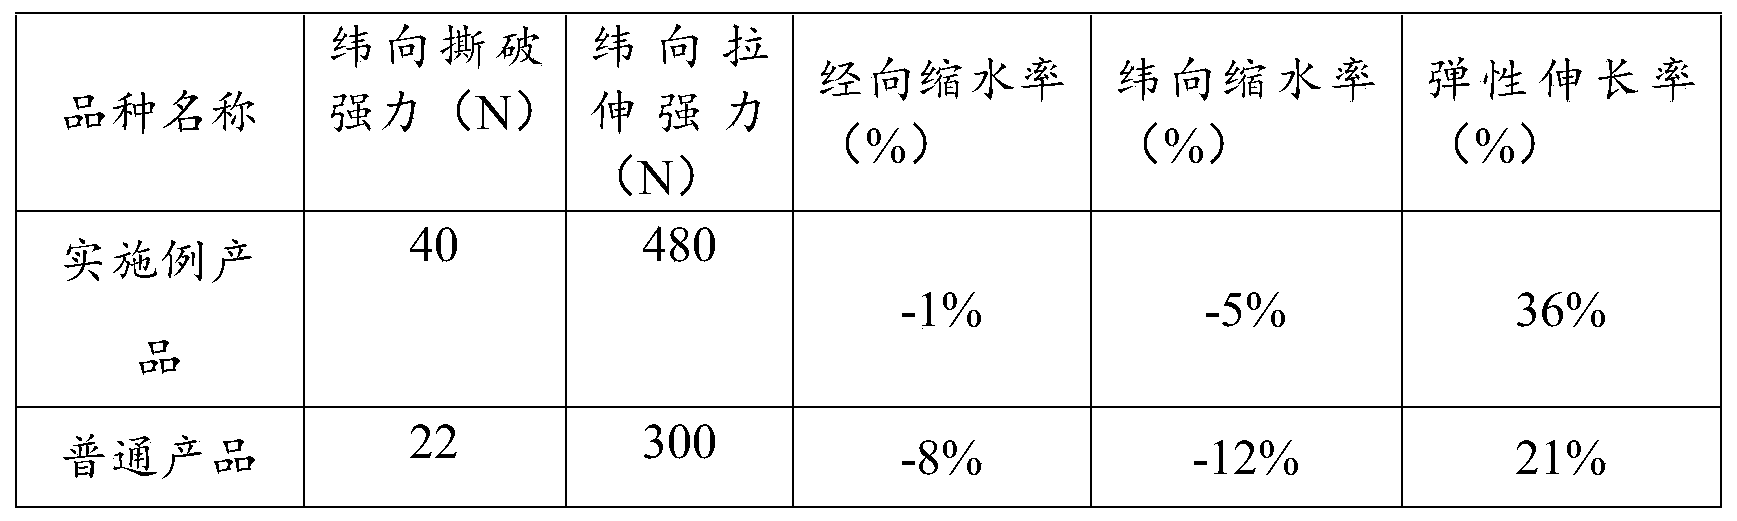 Figure PCTCN2019078519-appb-000004